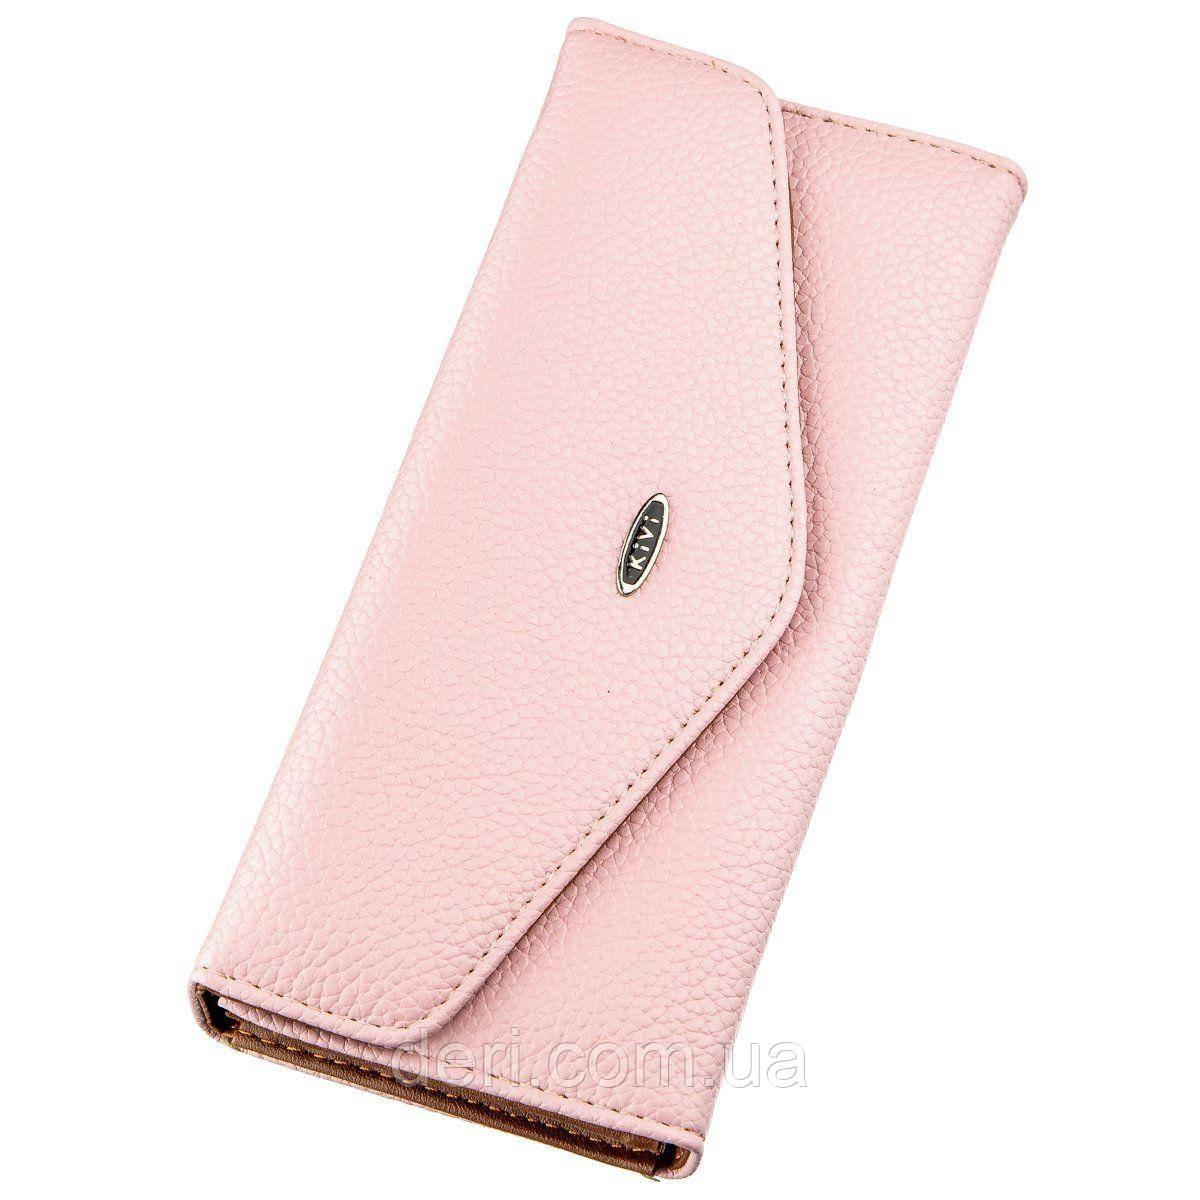 Кошелек женский из экокожи флотар розовый